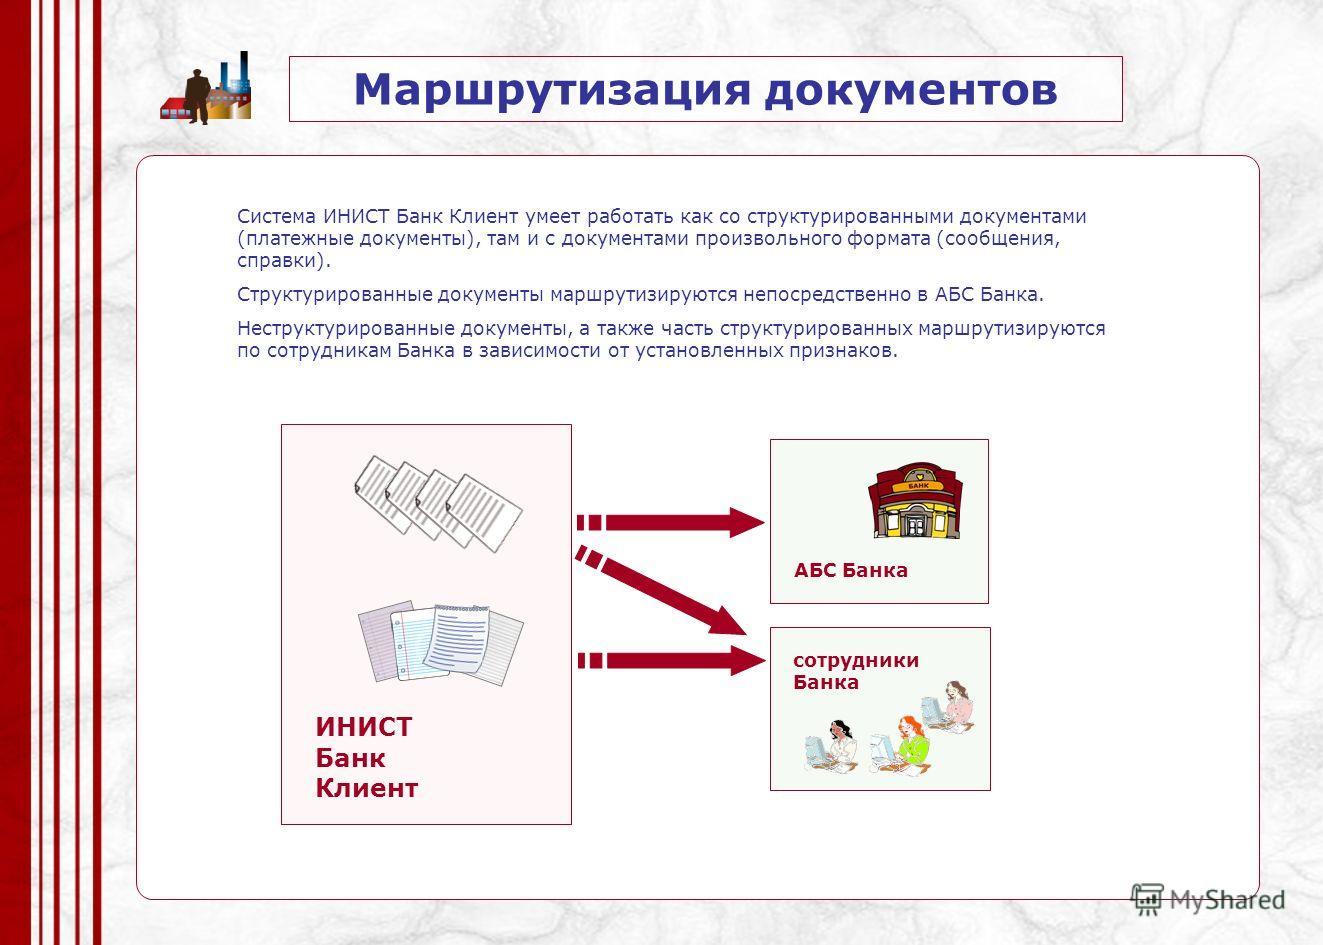 Маршрутизация документов ИНИСТ Банк Клиент АБС Банка Система ИНИСТ Банк Клиент умеет работать как со структурированными документами (платежные документы), там и с документами произвольного формата (сообщения, справки). Структурированные документы мар